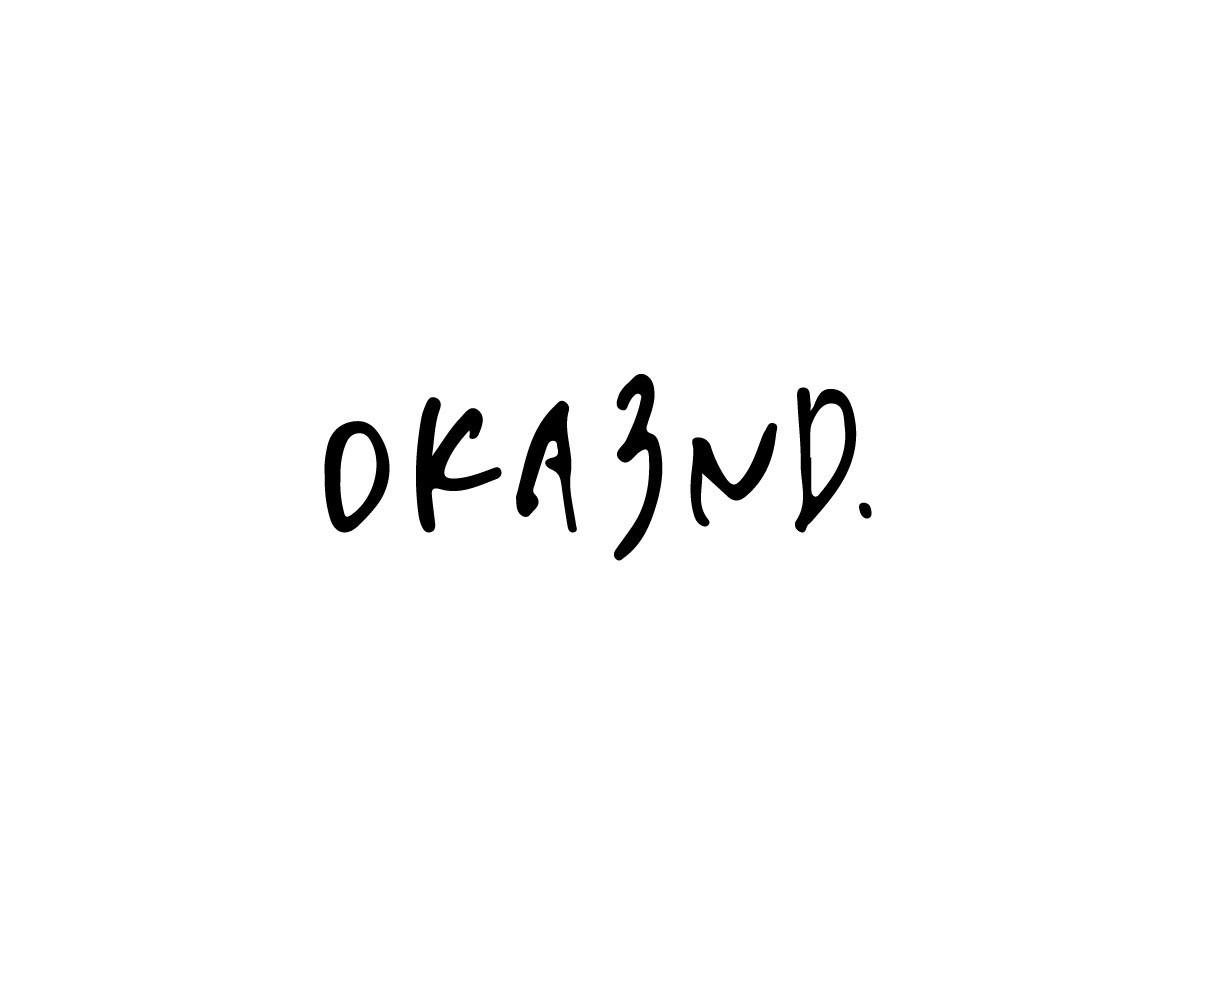 OKA3ND